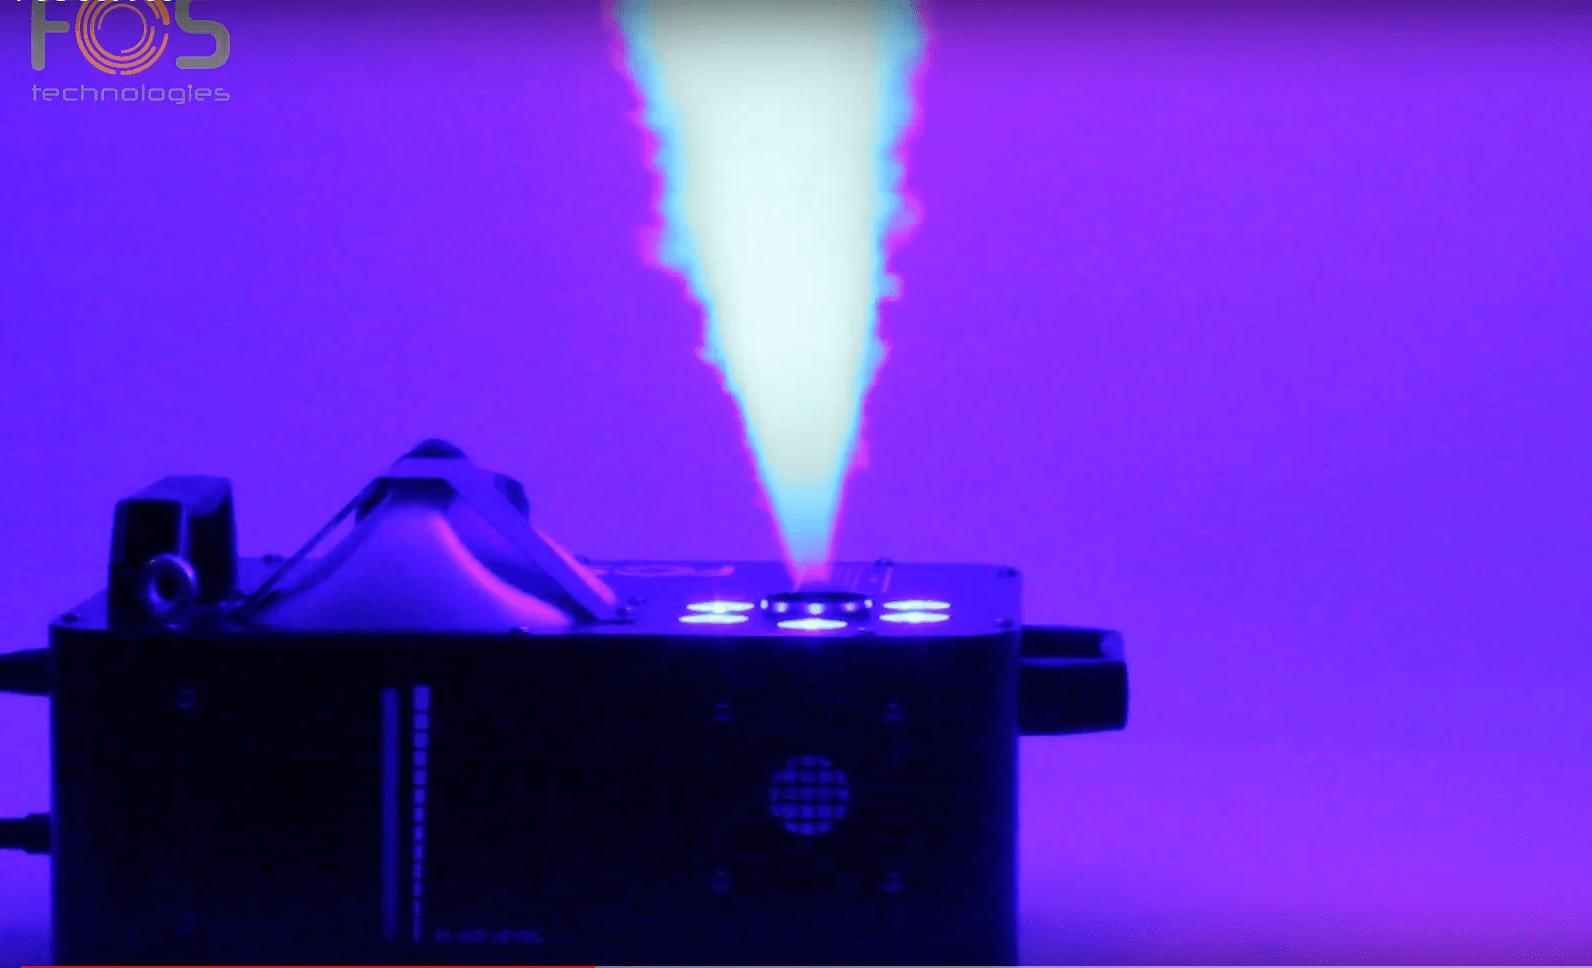 Ενοικιαση μηχανής καπνού κάθετης εκτόξευσης